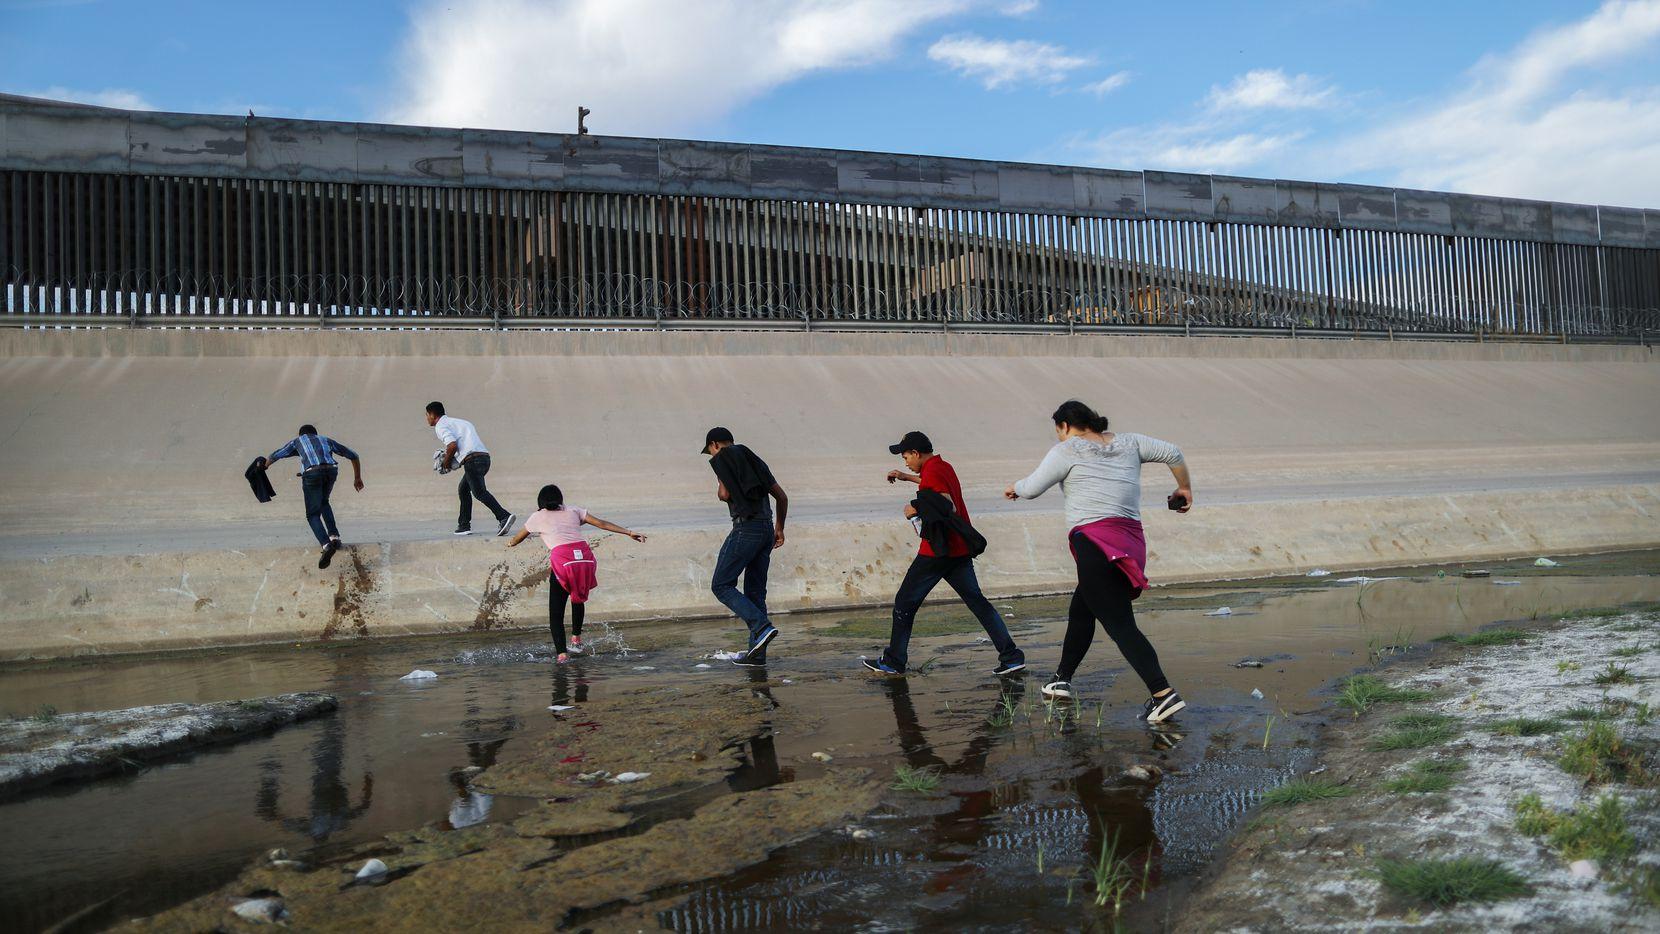 Un grupo de migrantes trata de cruzar del lado mexicano del Río Grande hacia El Paso, Texas.